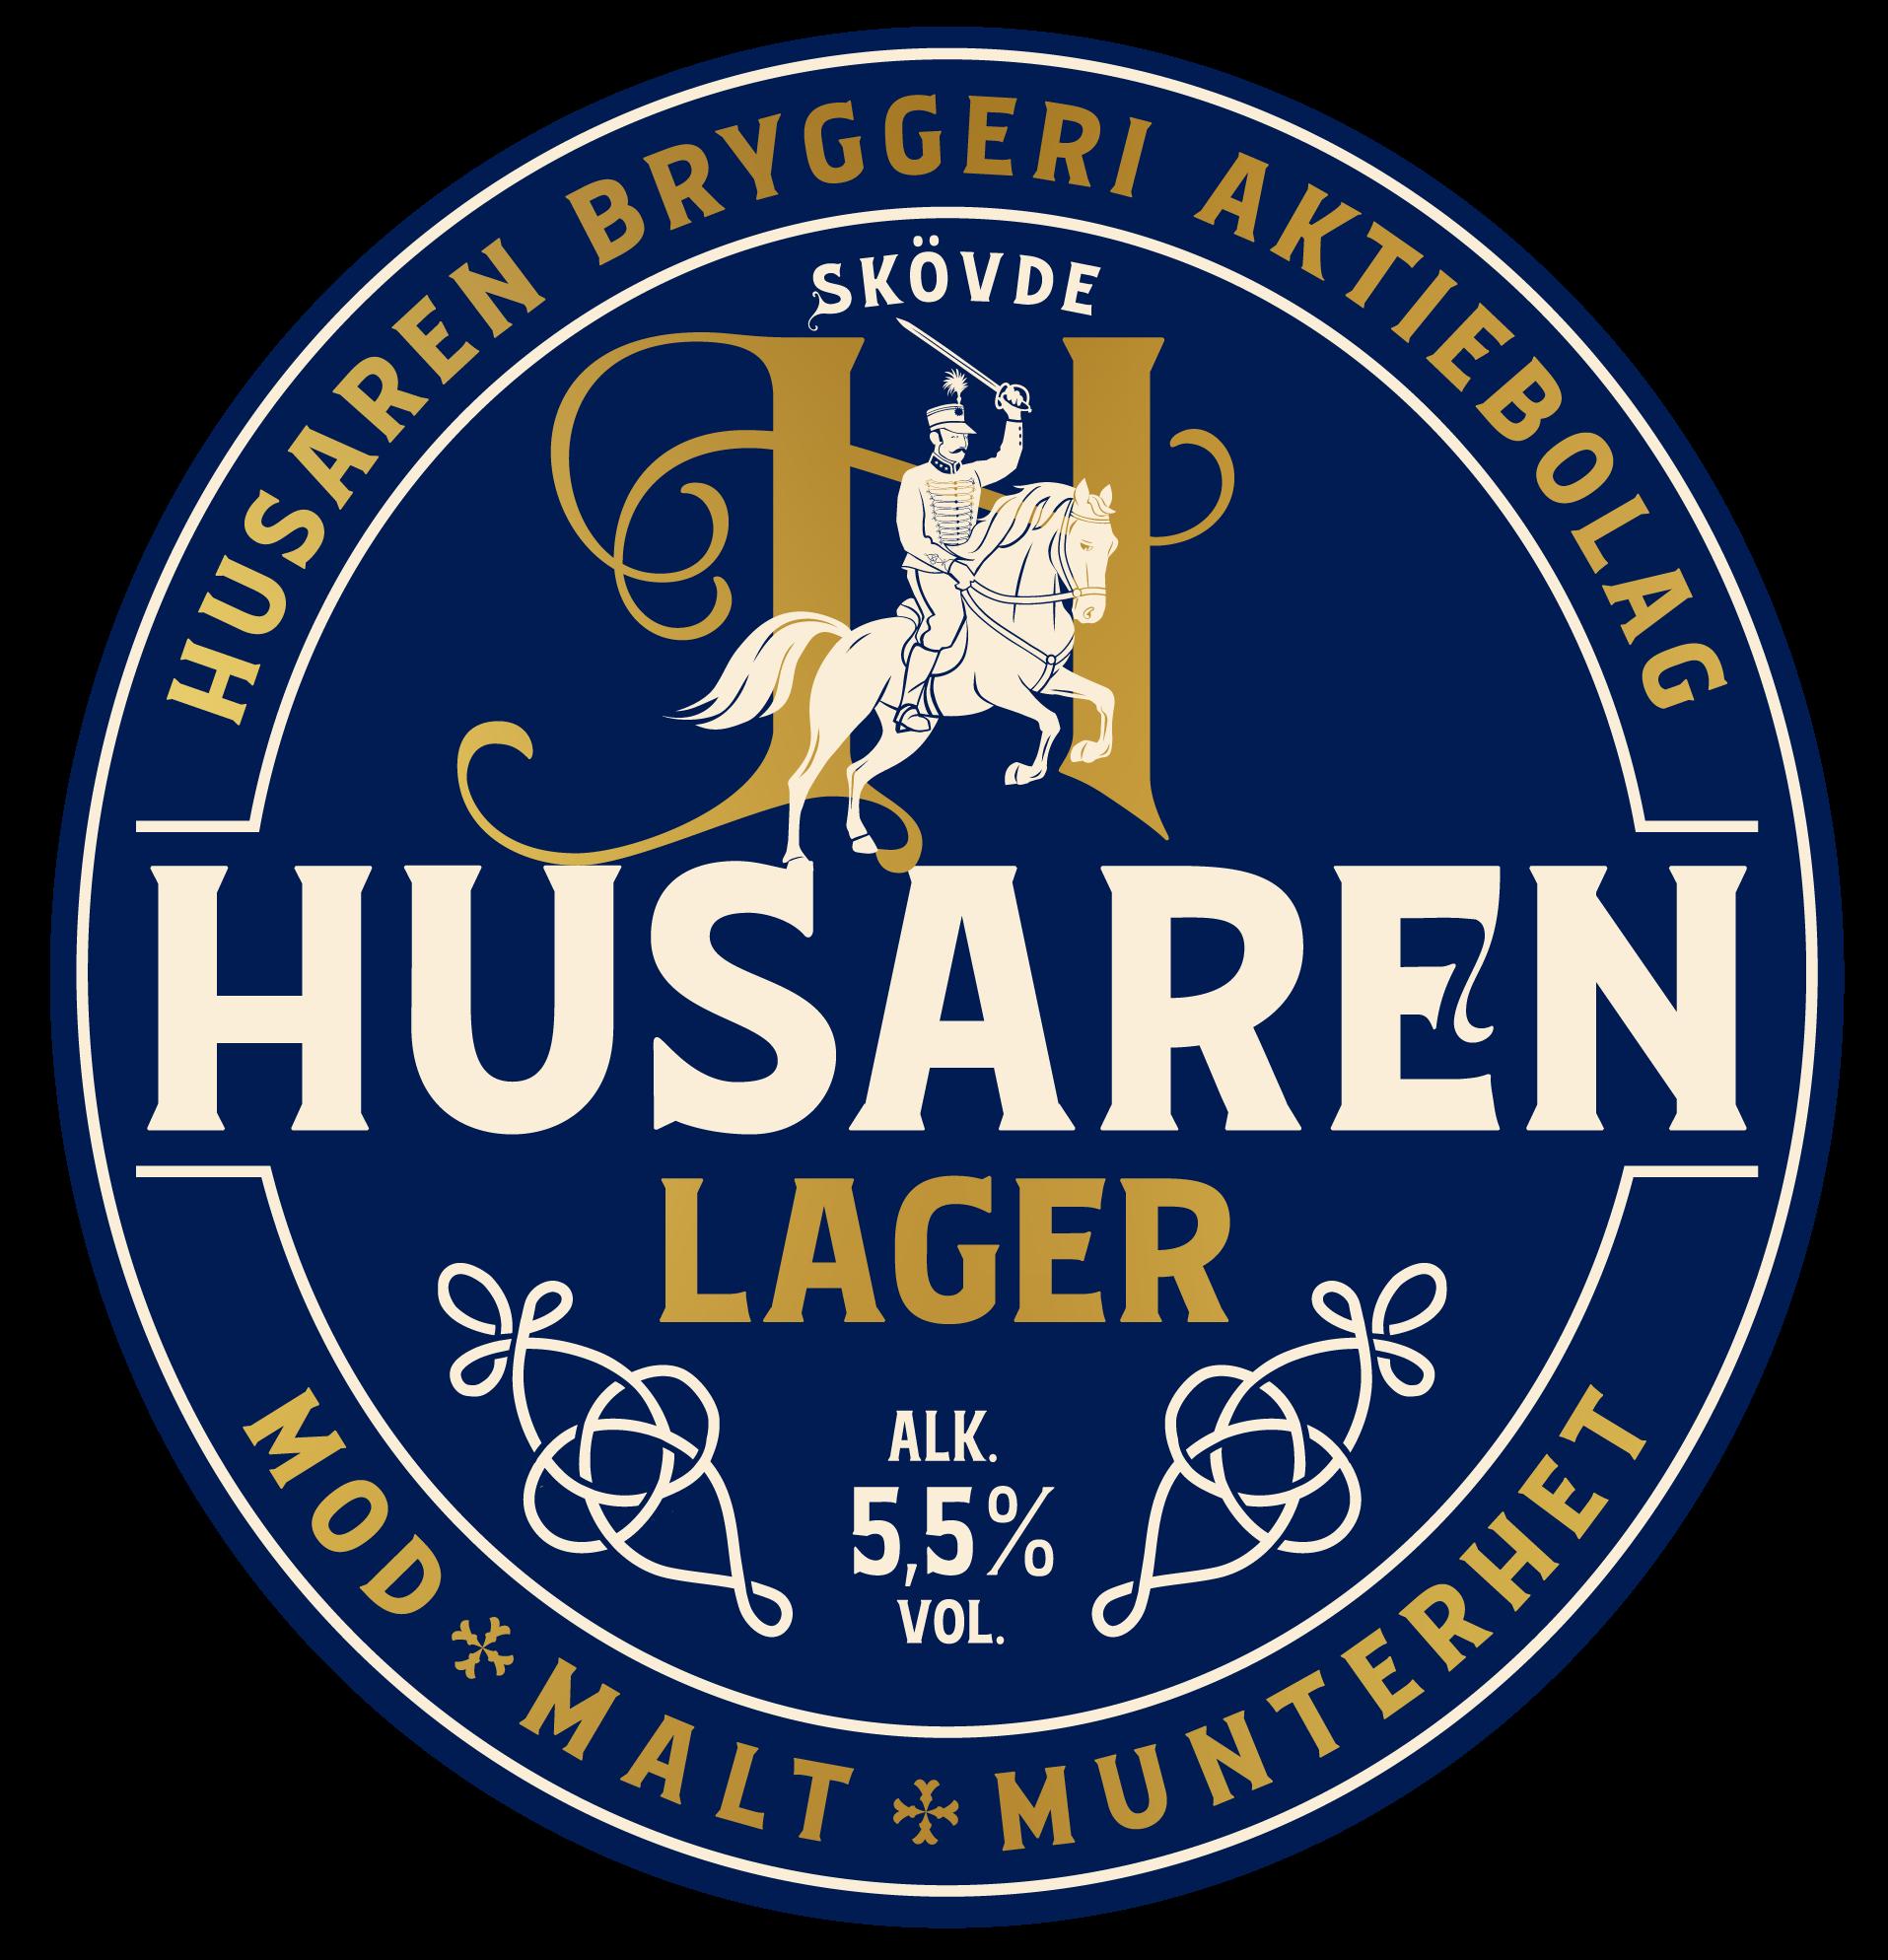 Husaren Bryggeri